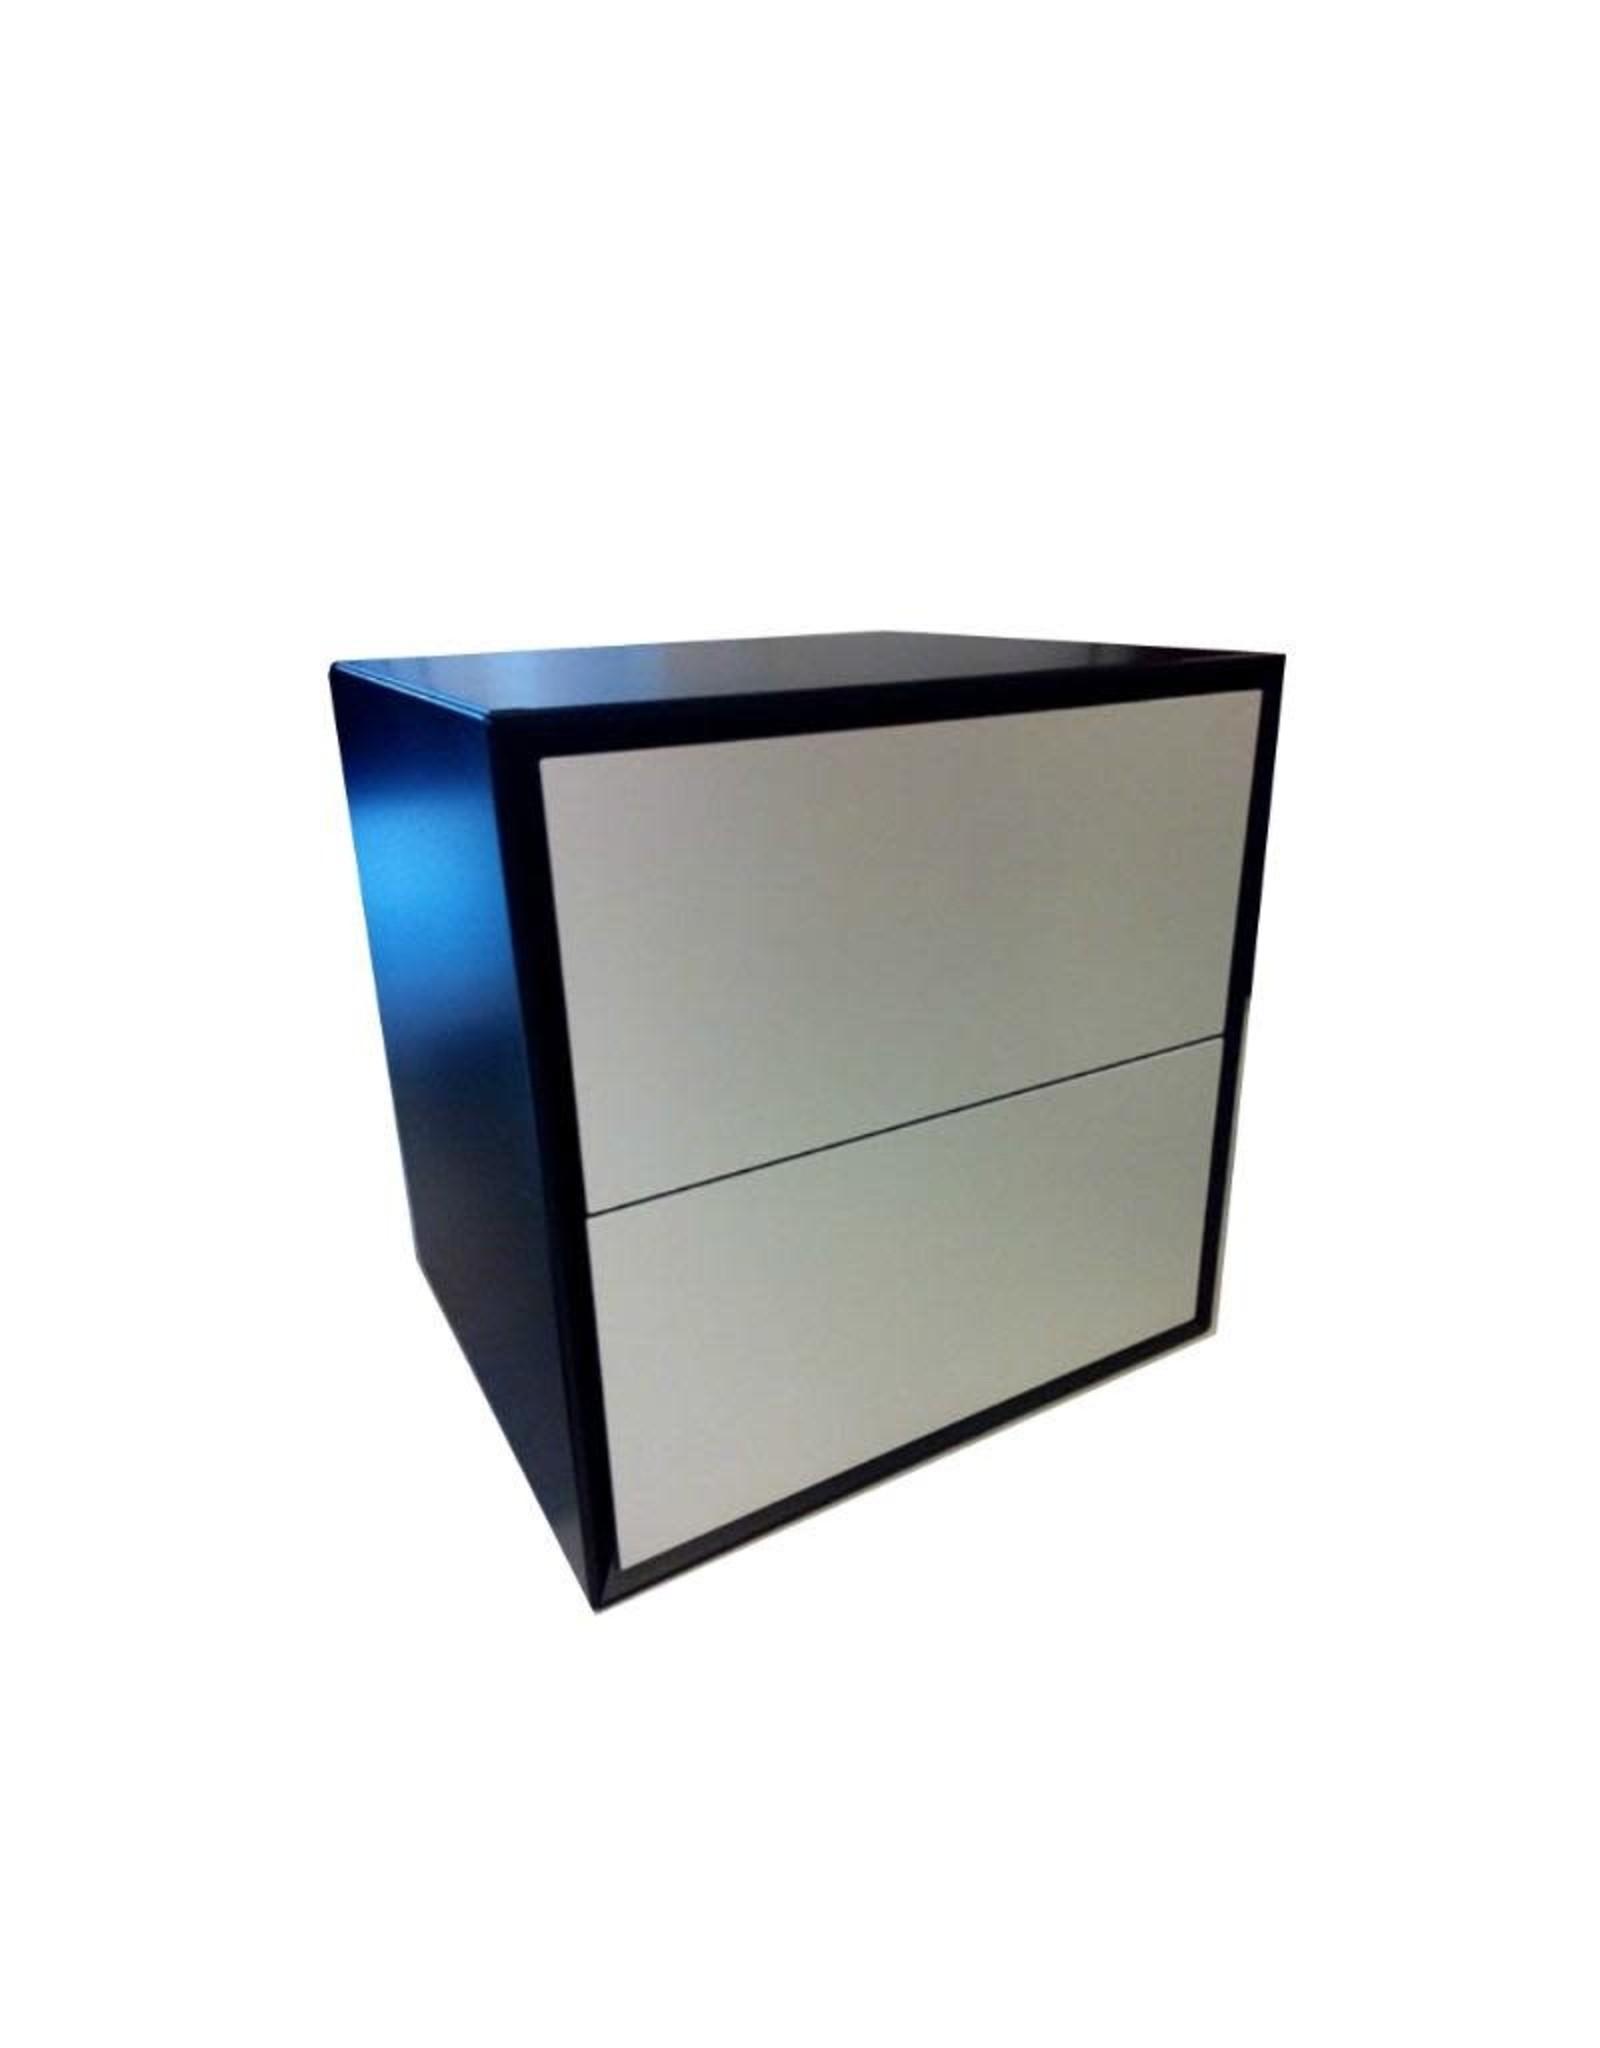 PAUSTIAN 4224 PAUSTIAN 2R 柜子 (2个抽屉)